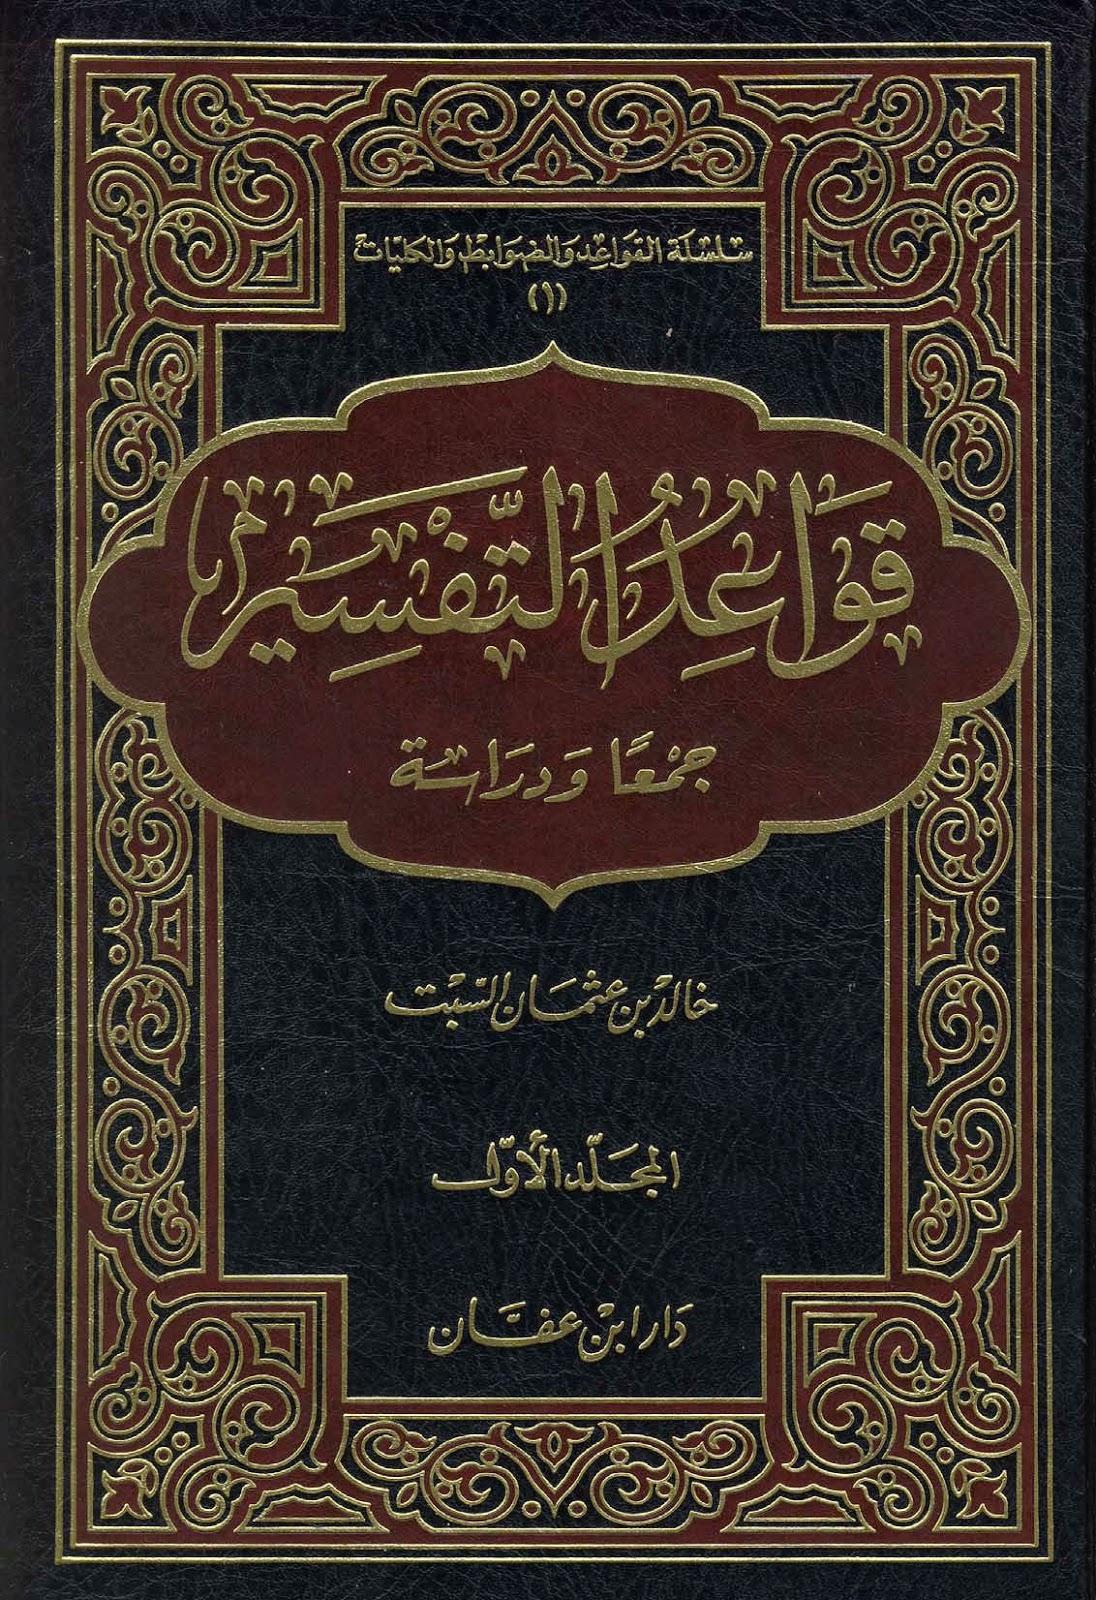 قواعد التفسير : جمعا ودراسة لـ خالد عثمان السبت